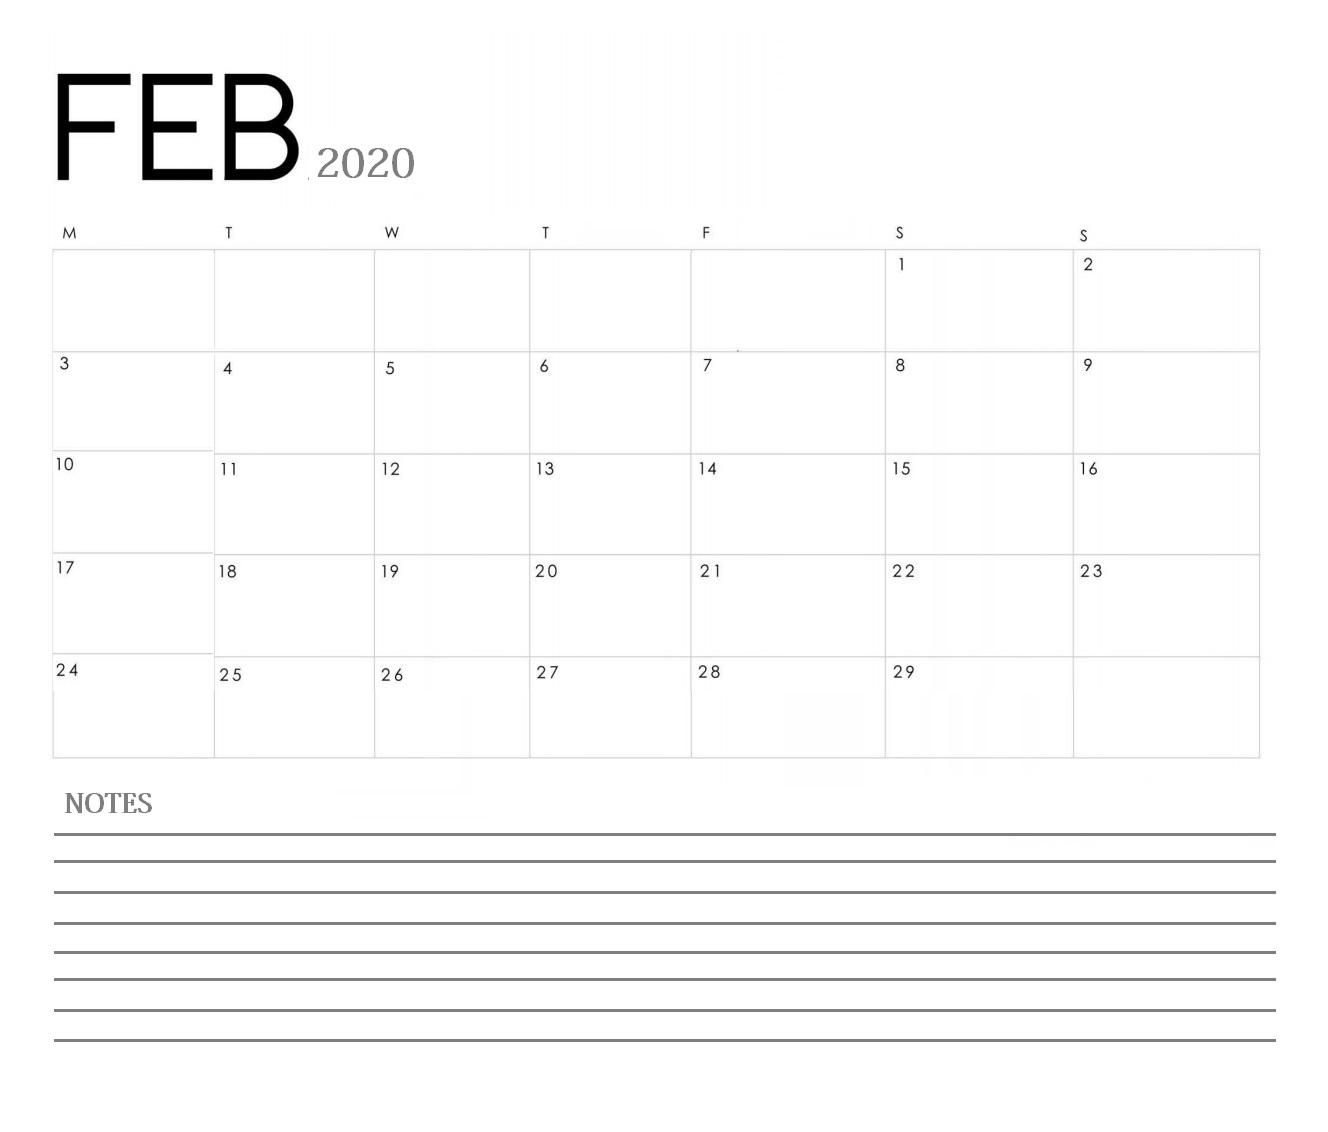 Free February 2020 Desk Calendar